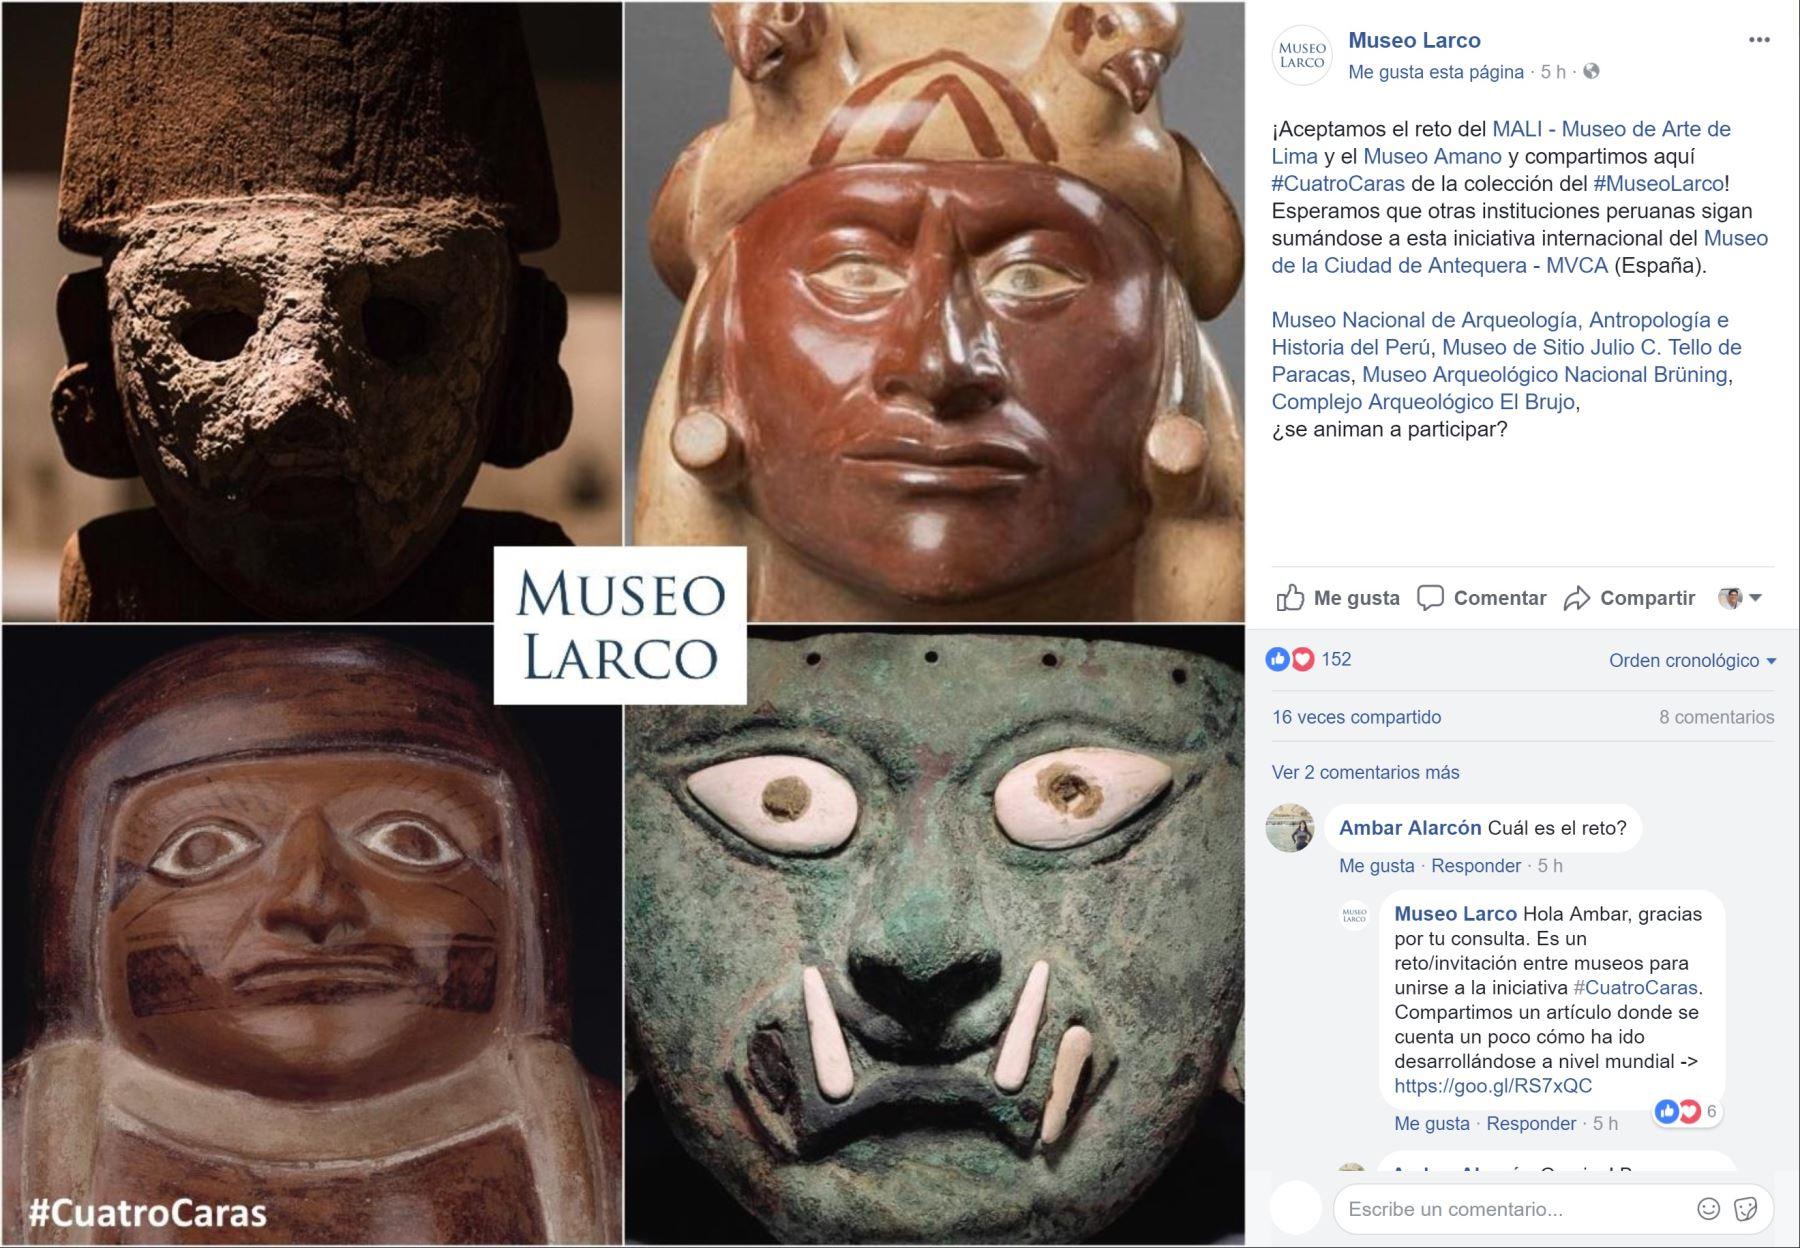 Participación del Museo Larco en reto #CuatroCaras